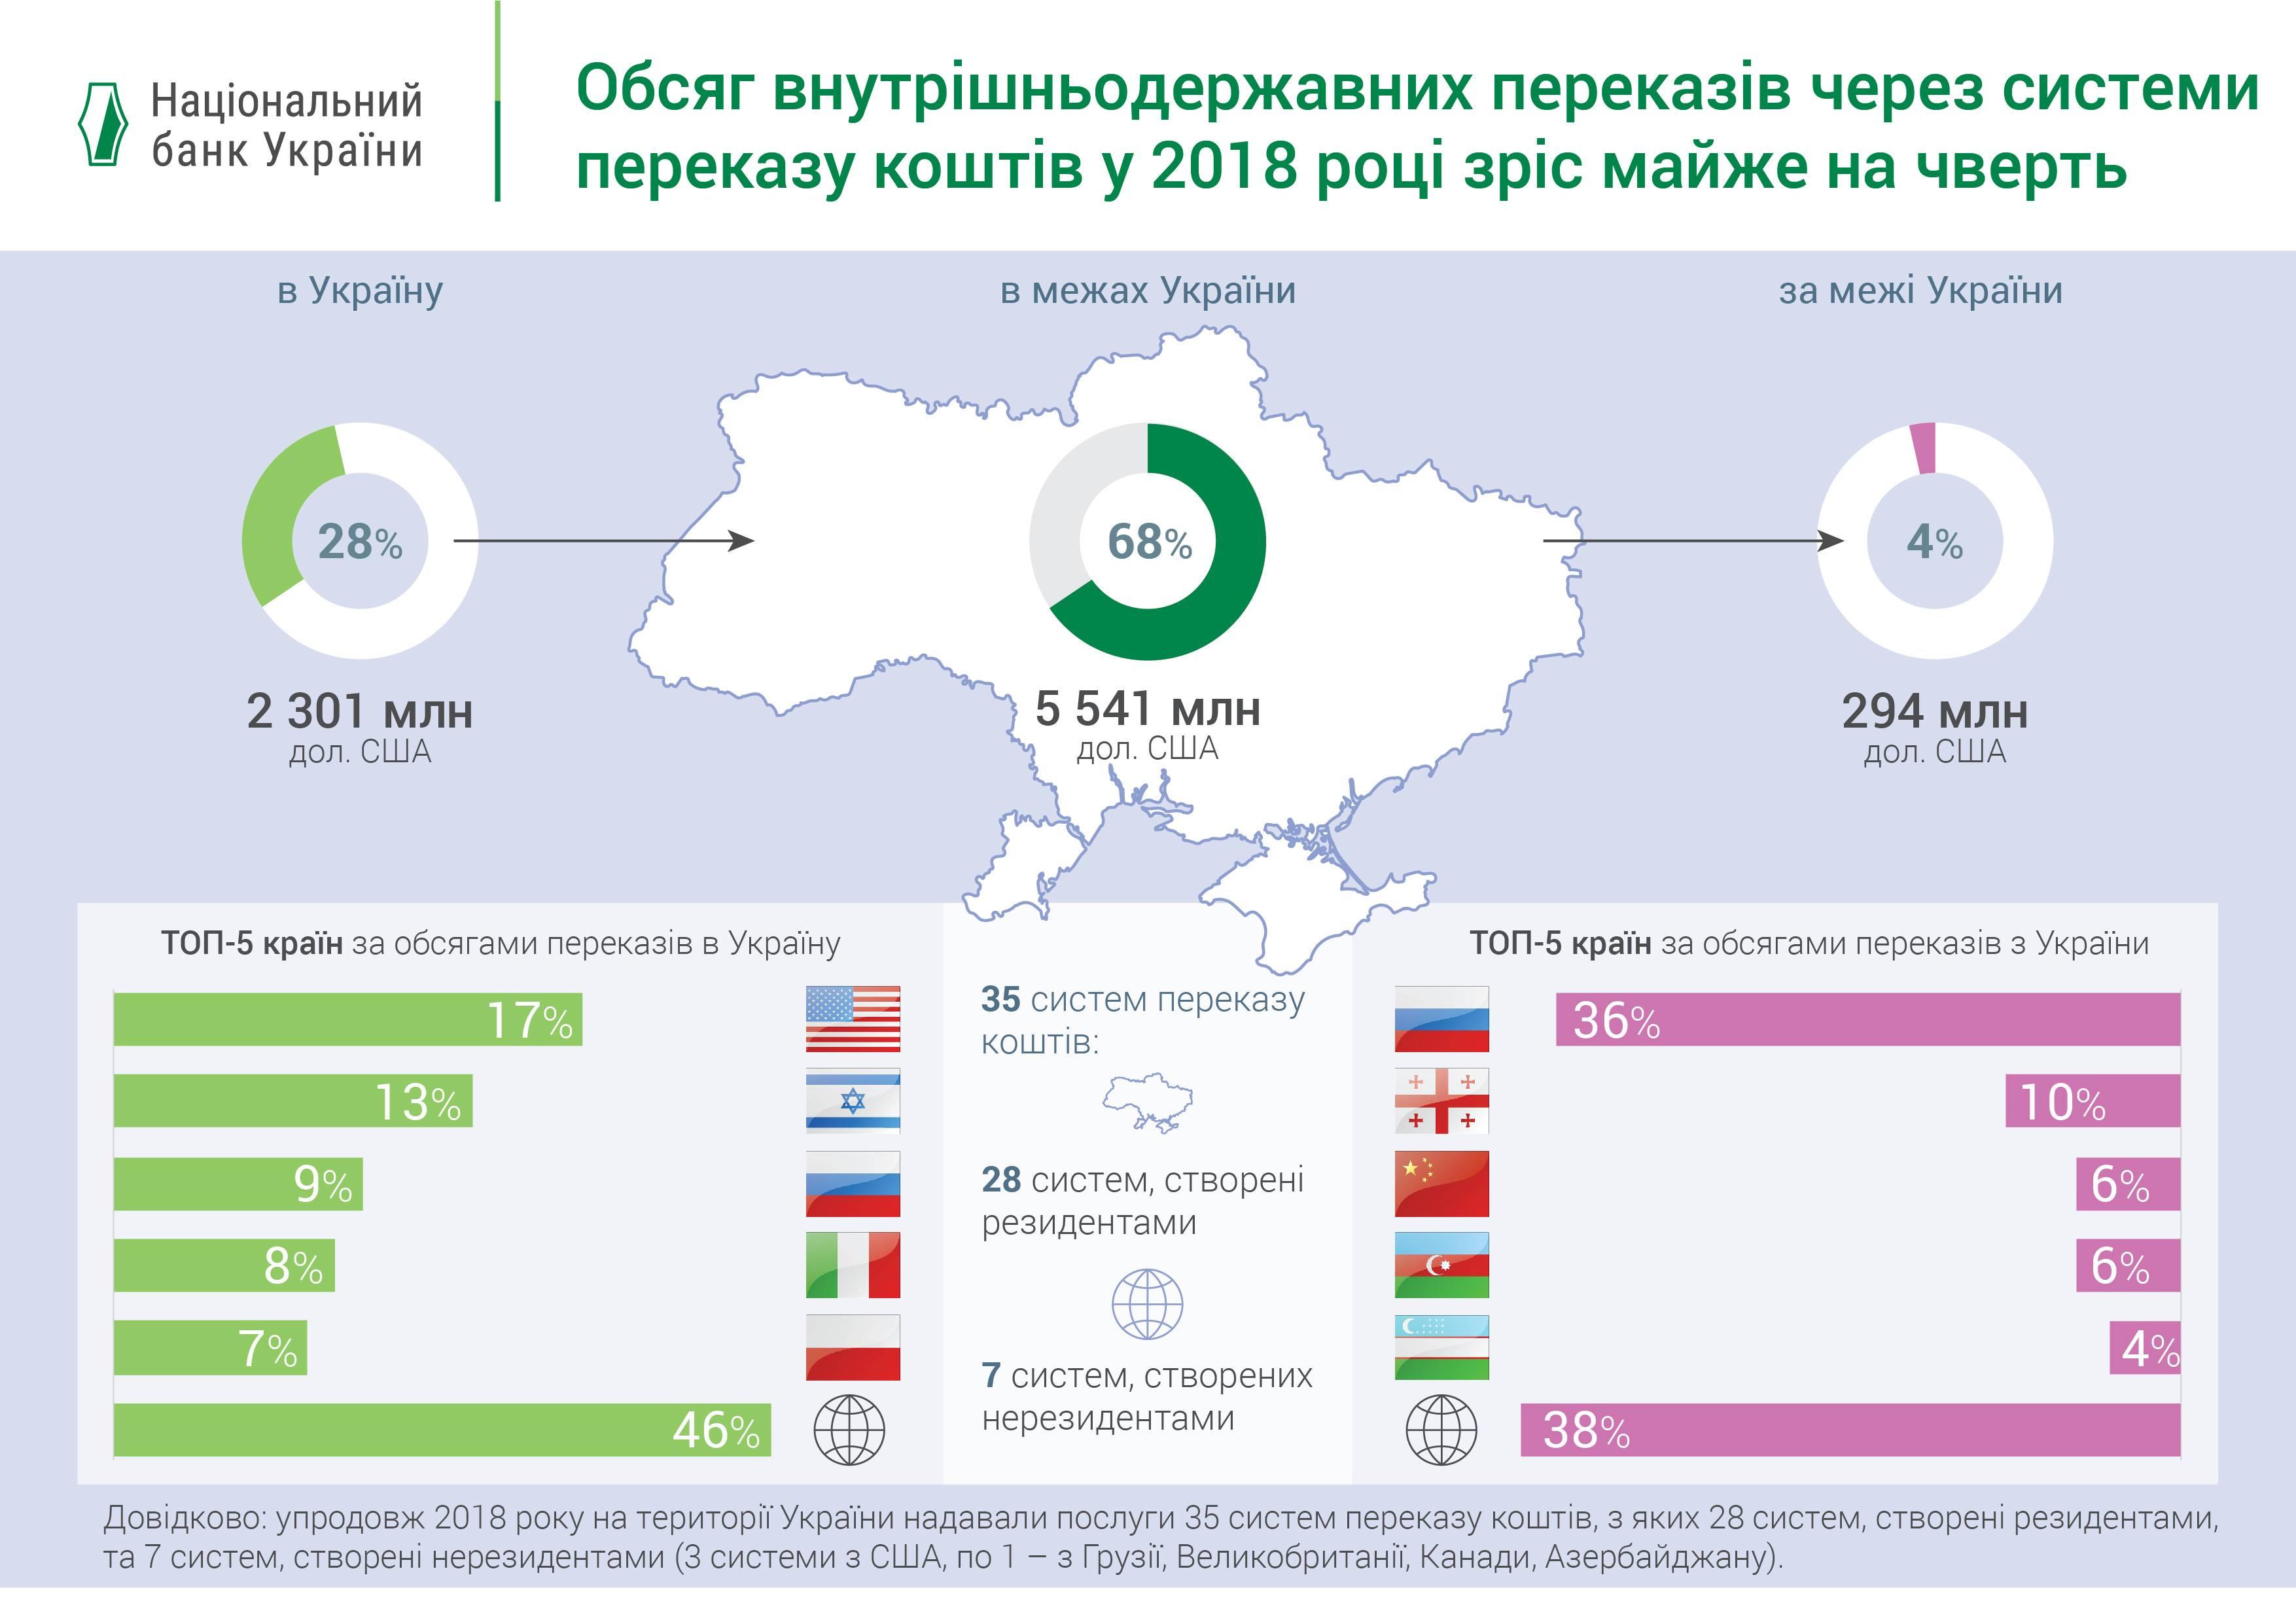 Перевод денег из испании в россию в 2021 году: вестерн юнион, маниграм